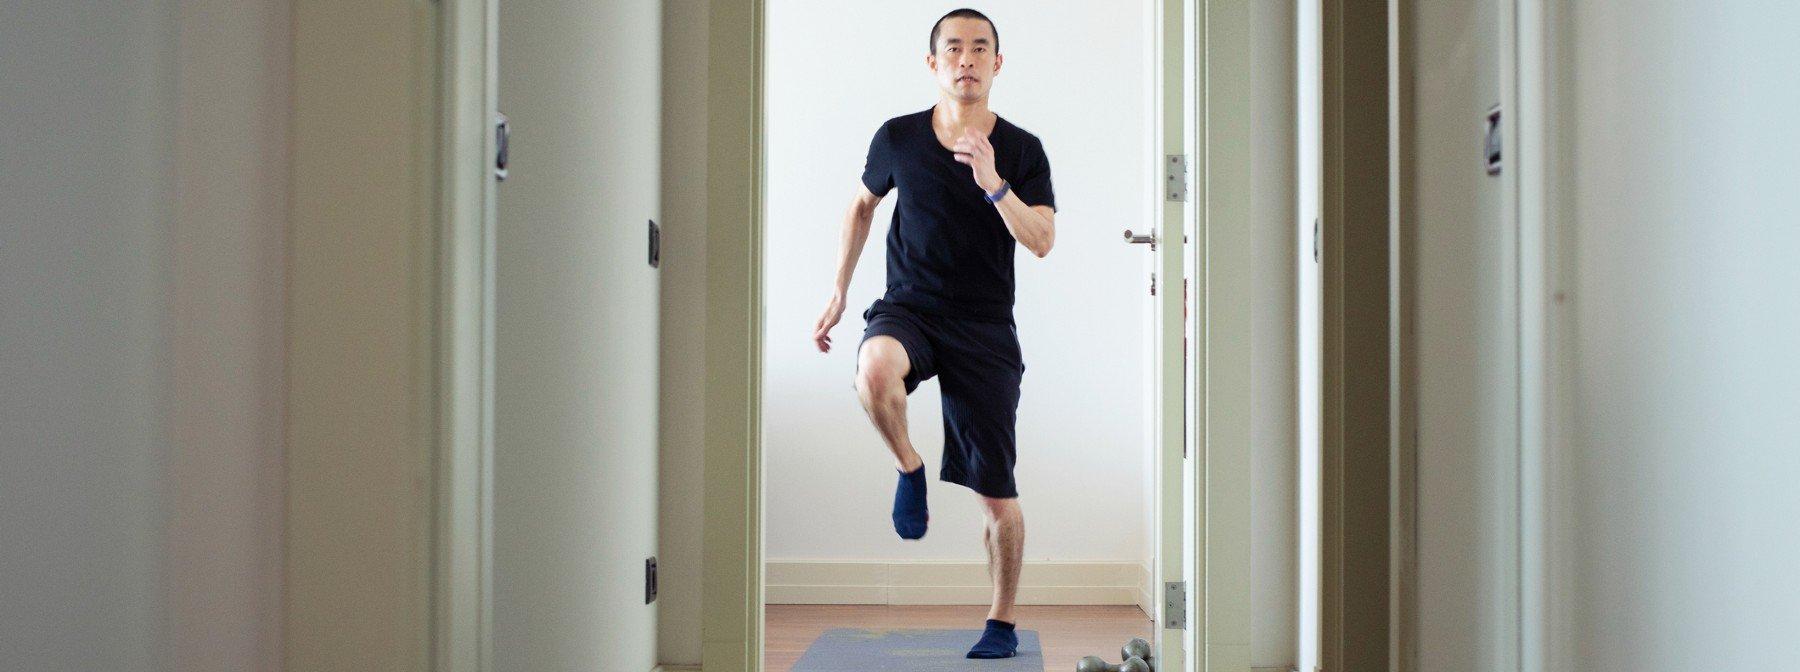 Cardio acasă | 7 exerciții ideale